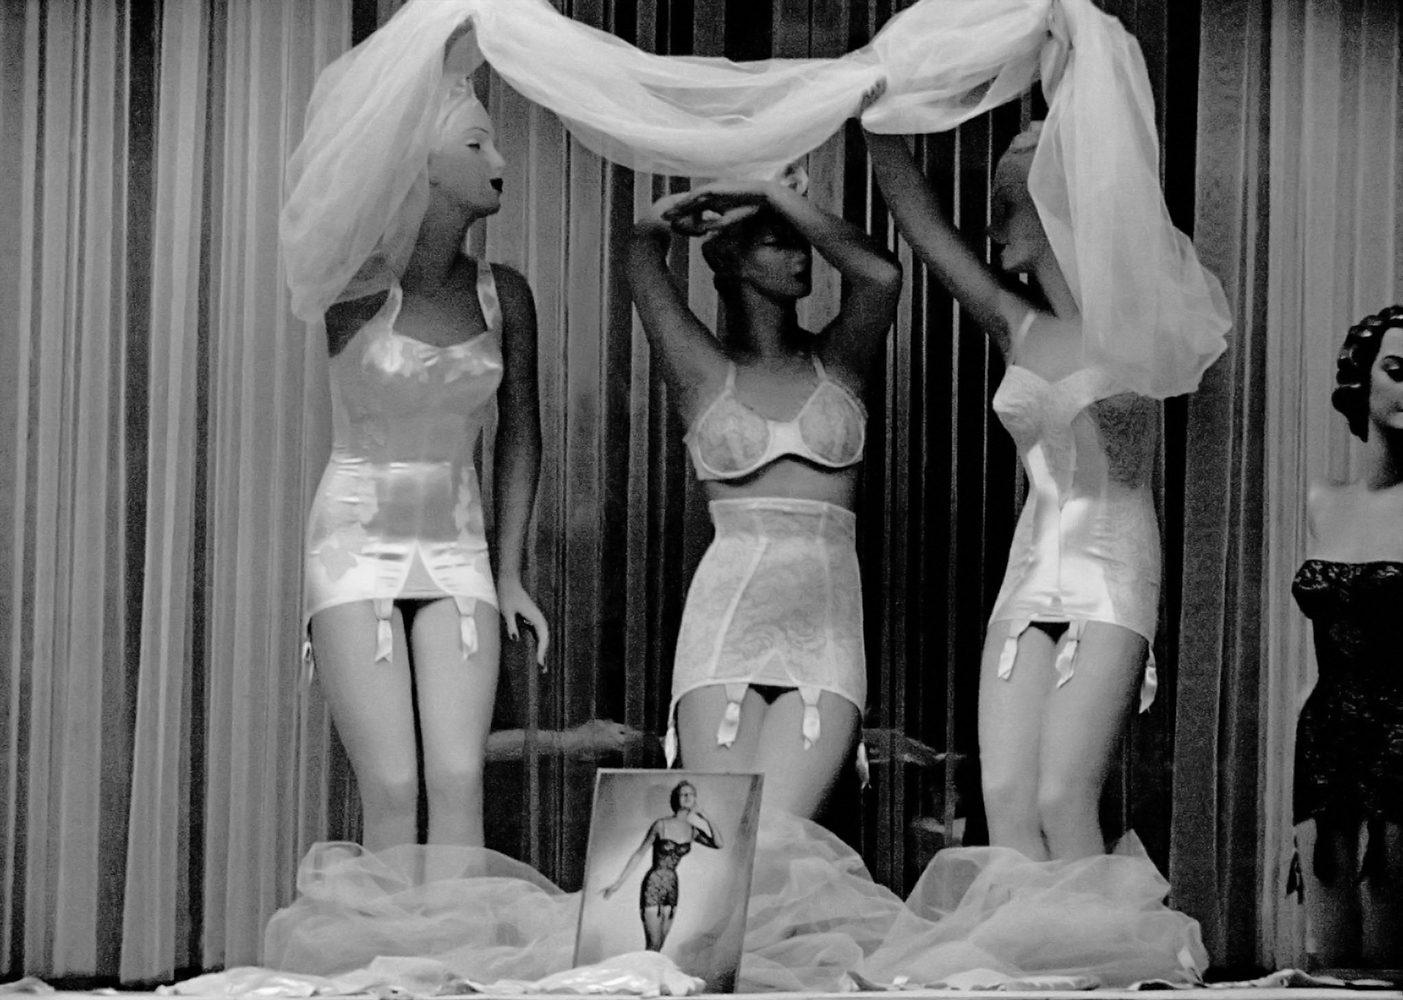 Underwear in shop window, Paris